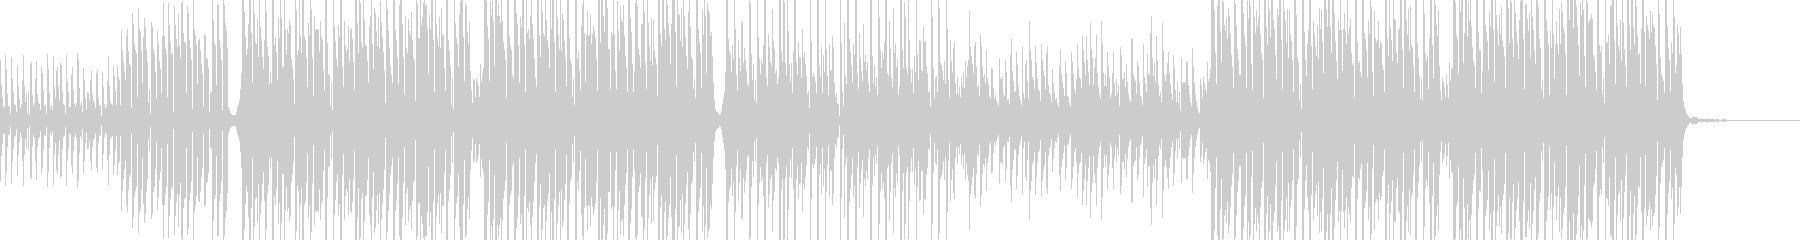 心地よい音色とテンポのトロピカルハウスの未再生の波形